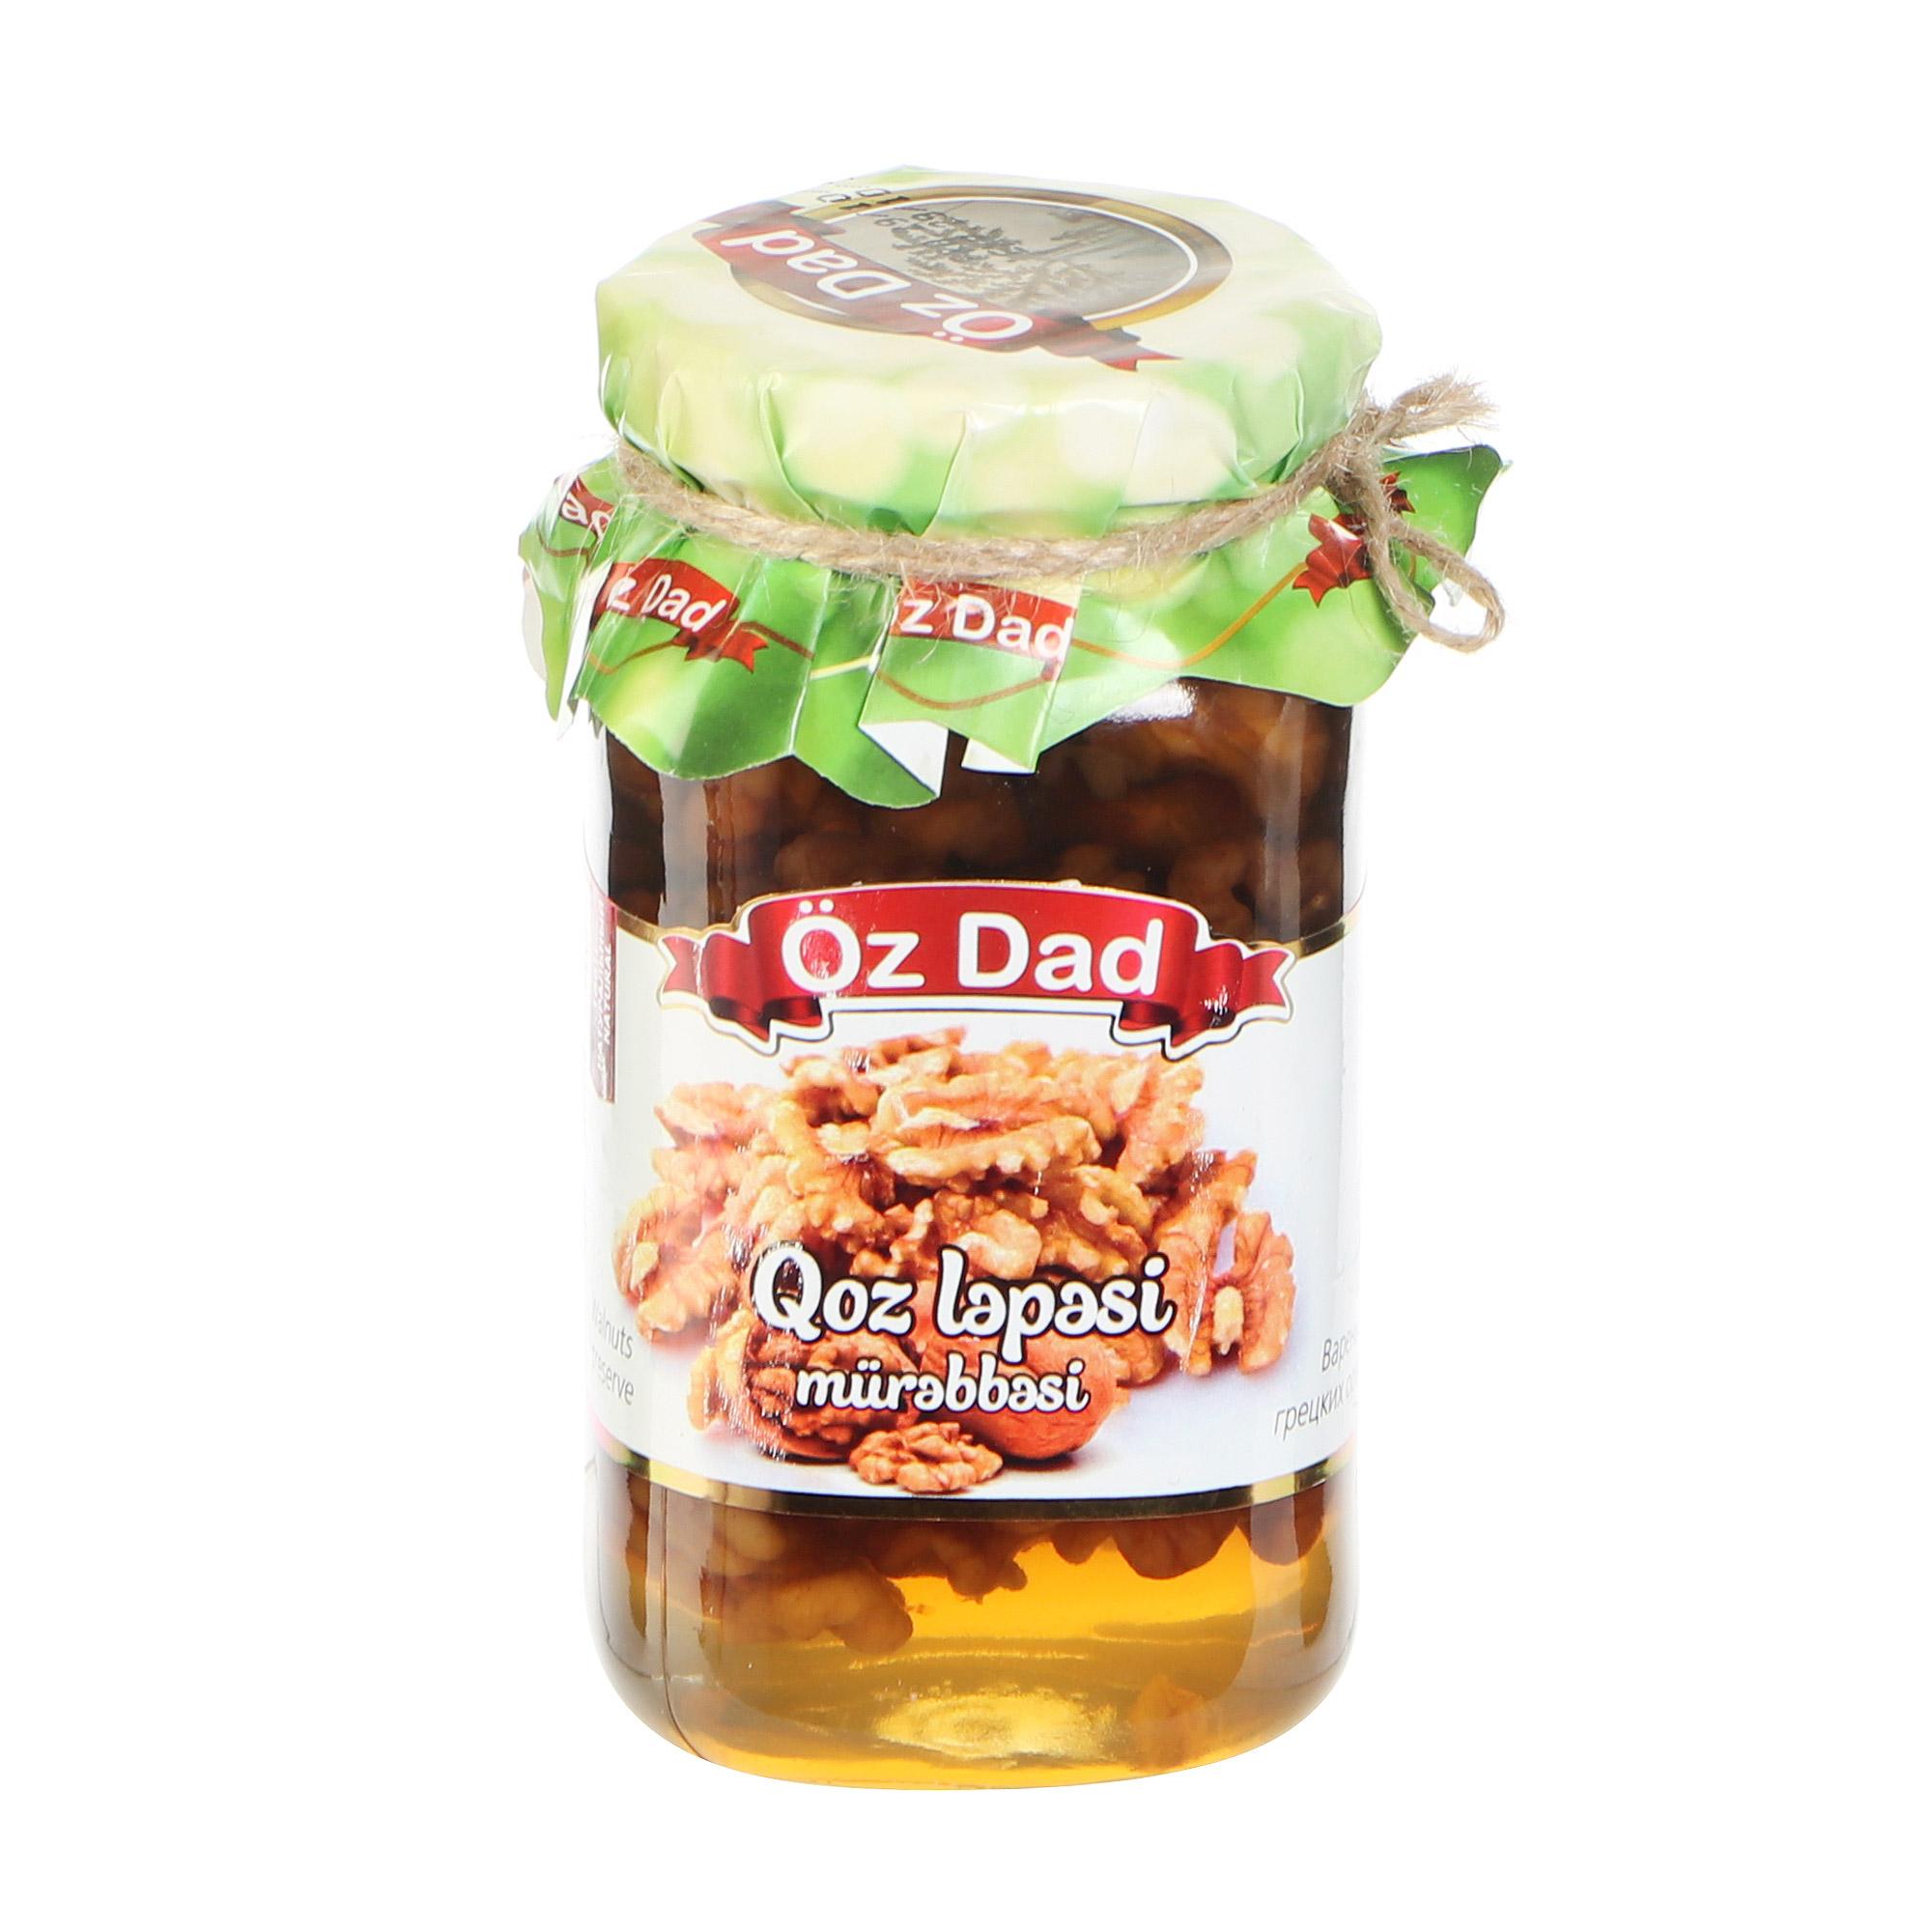 Варенье Oz Dad из грецкого ореха 360 г